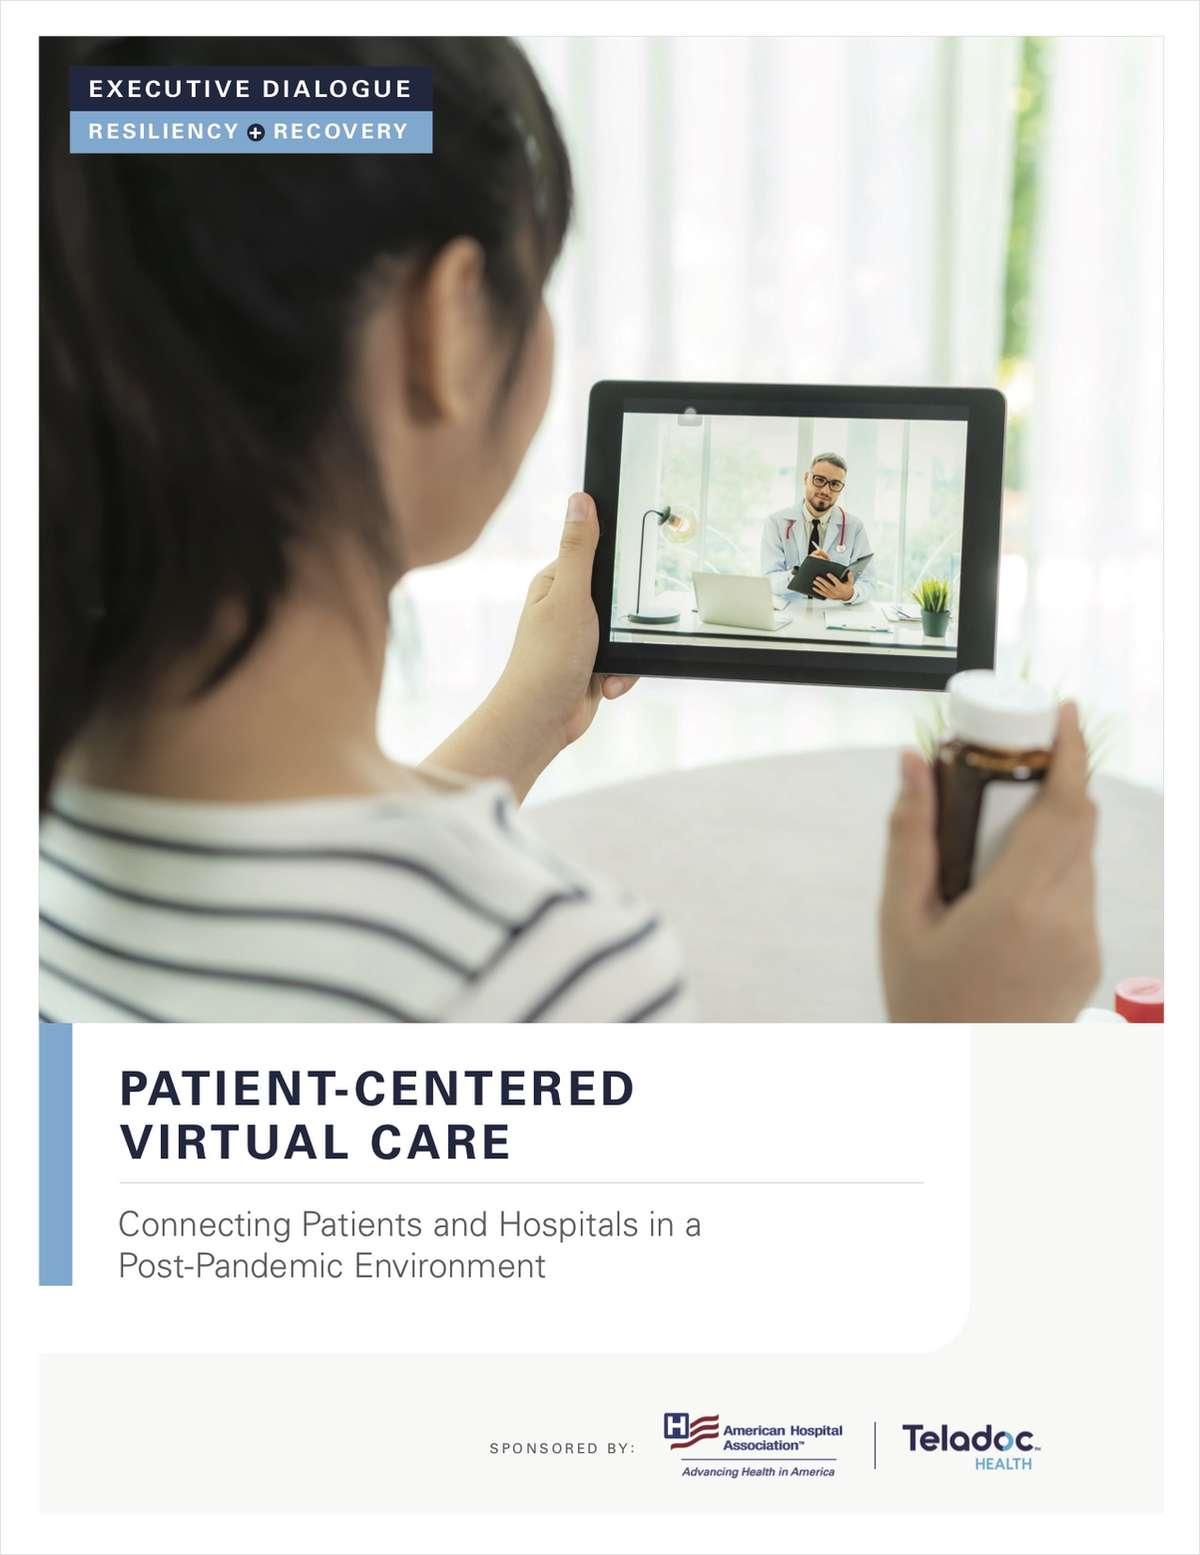 Patient-Centered Virtual Care: An Executive Dialogue